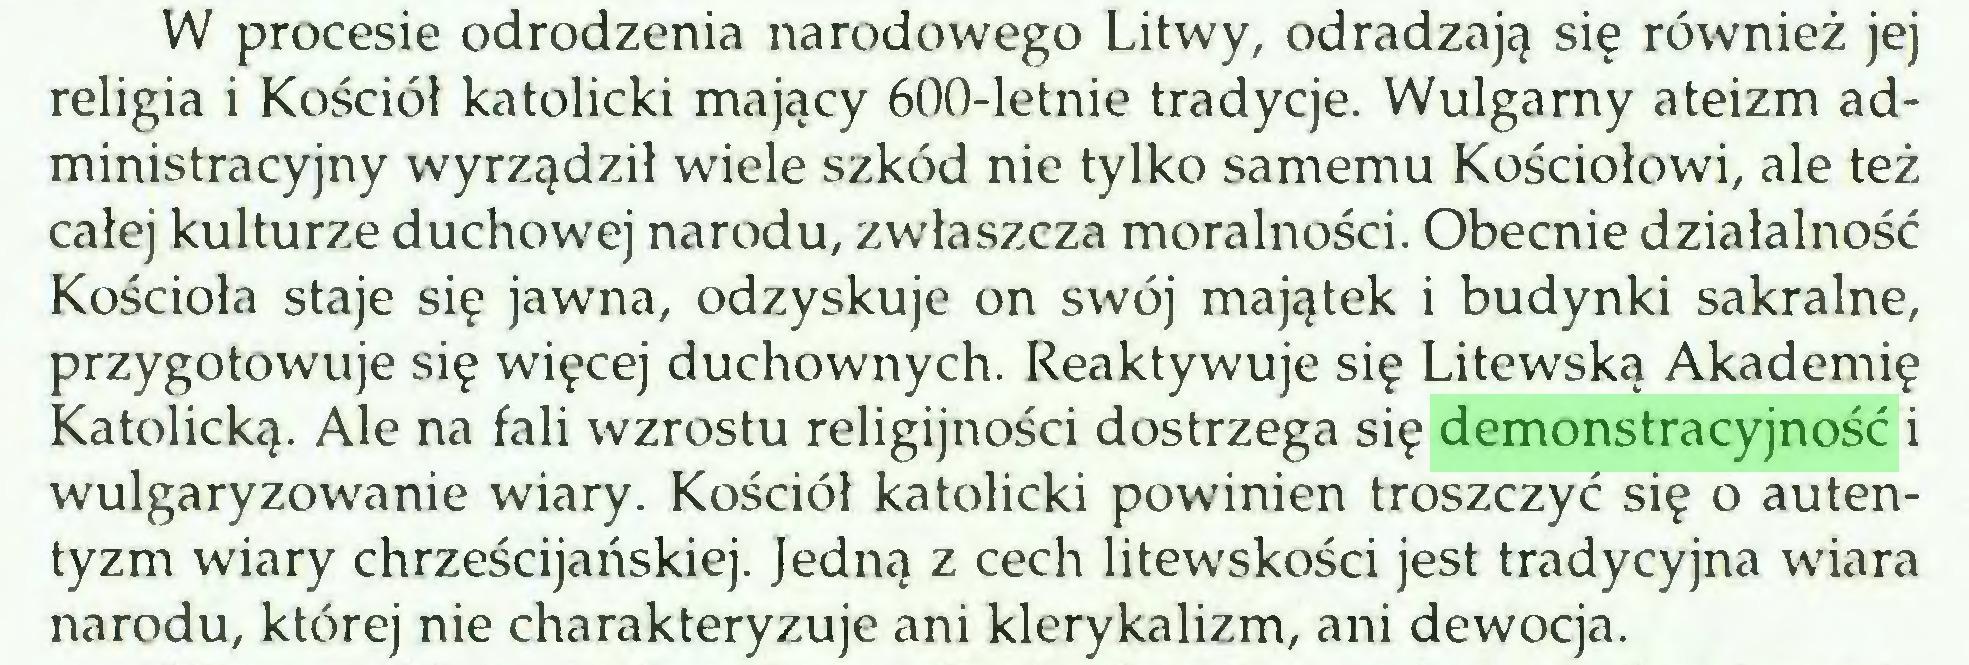 (...) W procesie odrodzenia narodowego Litwy, odradzają się również jej religia i Kościół katolicki mający 600-letnie tradycje. Wulgarny ateizm administracyjny wyrządził wiele szkód nie tylko samemu Kościołowi, ale też całej kulturze duchowej narodu, zwłaszcza moralności. Obecnie działalność Kościoła staje się jawna, odzyskuje on swój majątek i budynki sakralne, przygotowuje się więcej duchownych. Reaktywuje się Litewską Akademię Katolicką. Ale na fali wzrostu religijności dostrzega się demonstracyjność i wulgaryzowanie wiary. Kościół katolicki powinien troszczyć się o autentyzm wiary chrześcijańskiej. Jedną z cech litewskości jest tradycyjna wiara narodu, której nie charakteryzuje ani klerykalizm, ani dewocja...